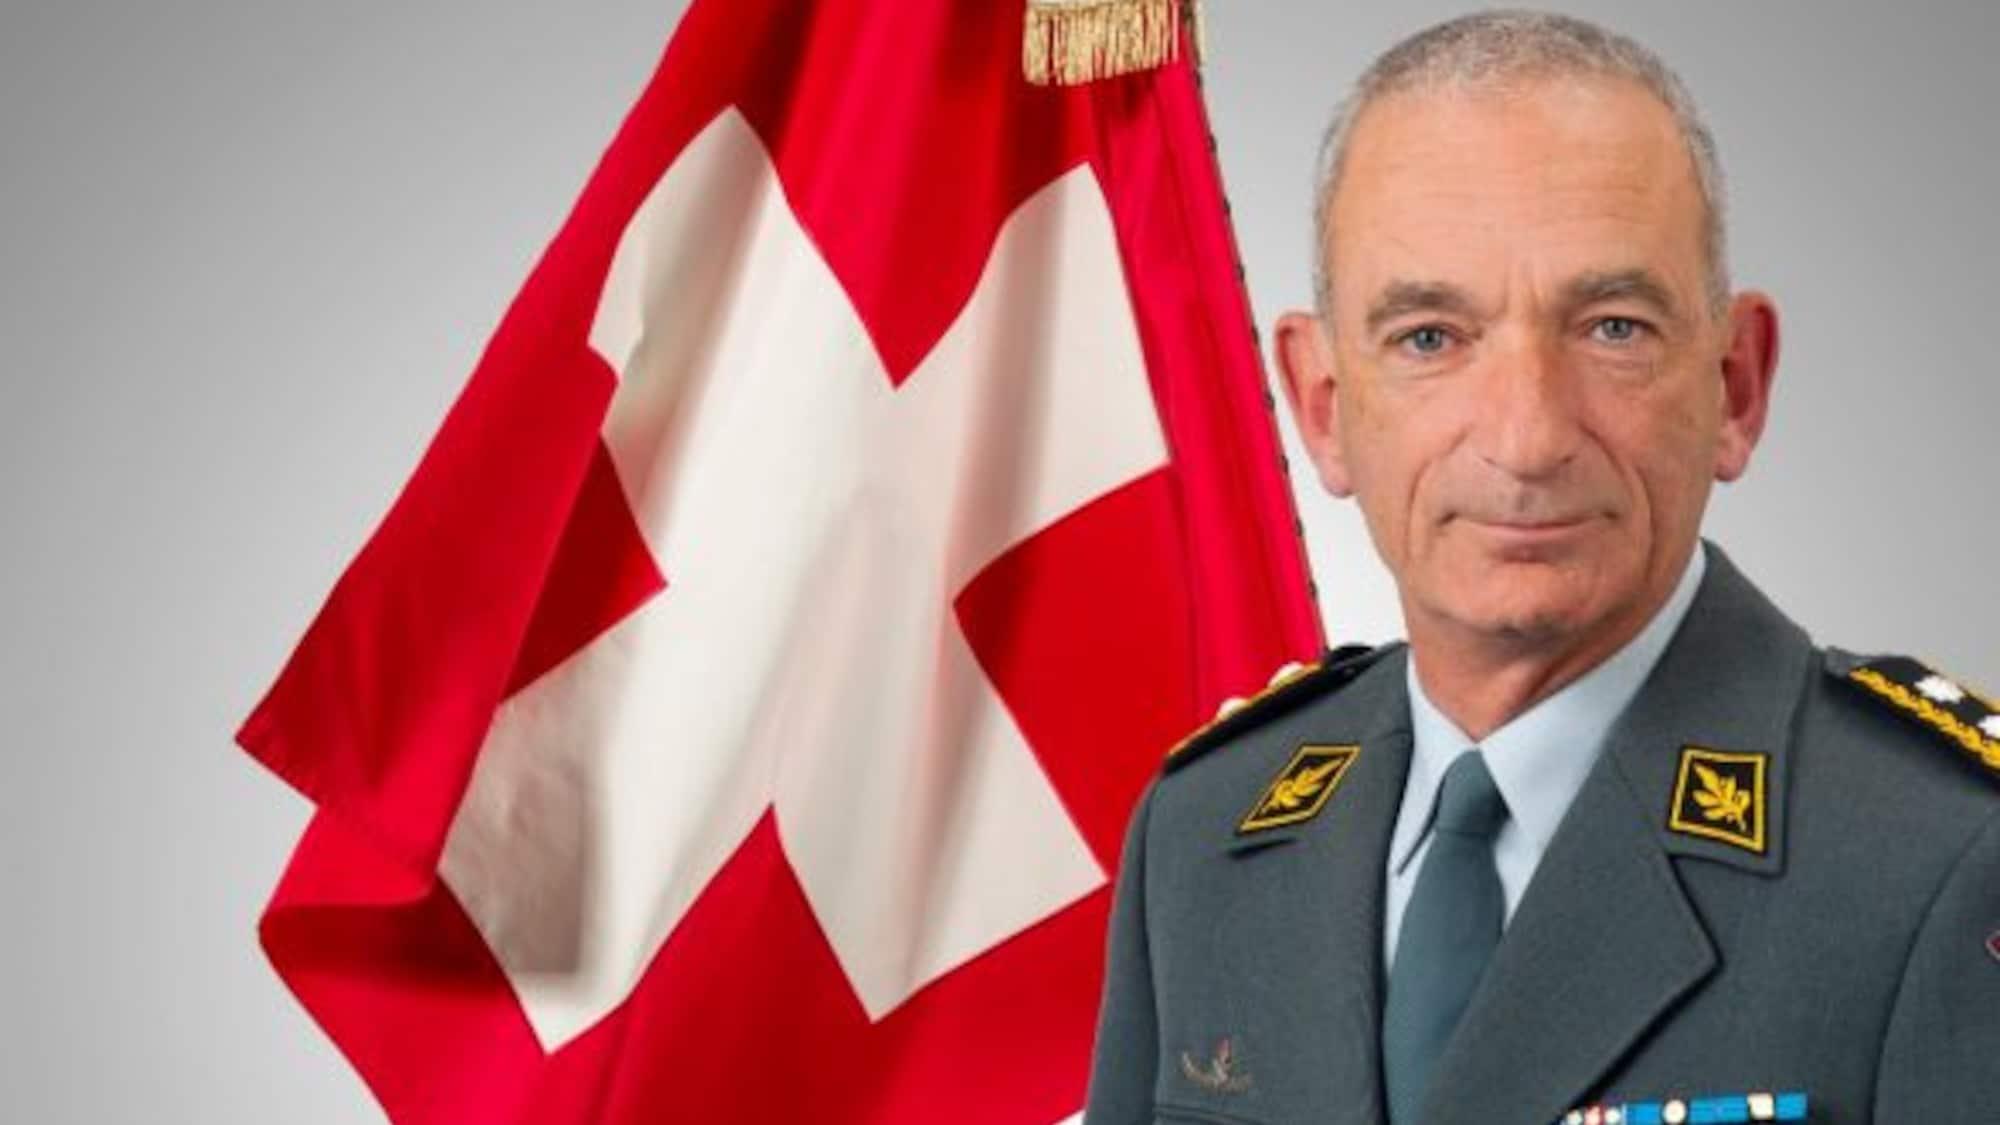 Armeekader stellt sich beim Waffengesetz quer: Amherd und die Heckenschützen